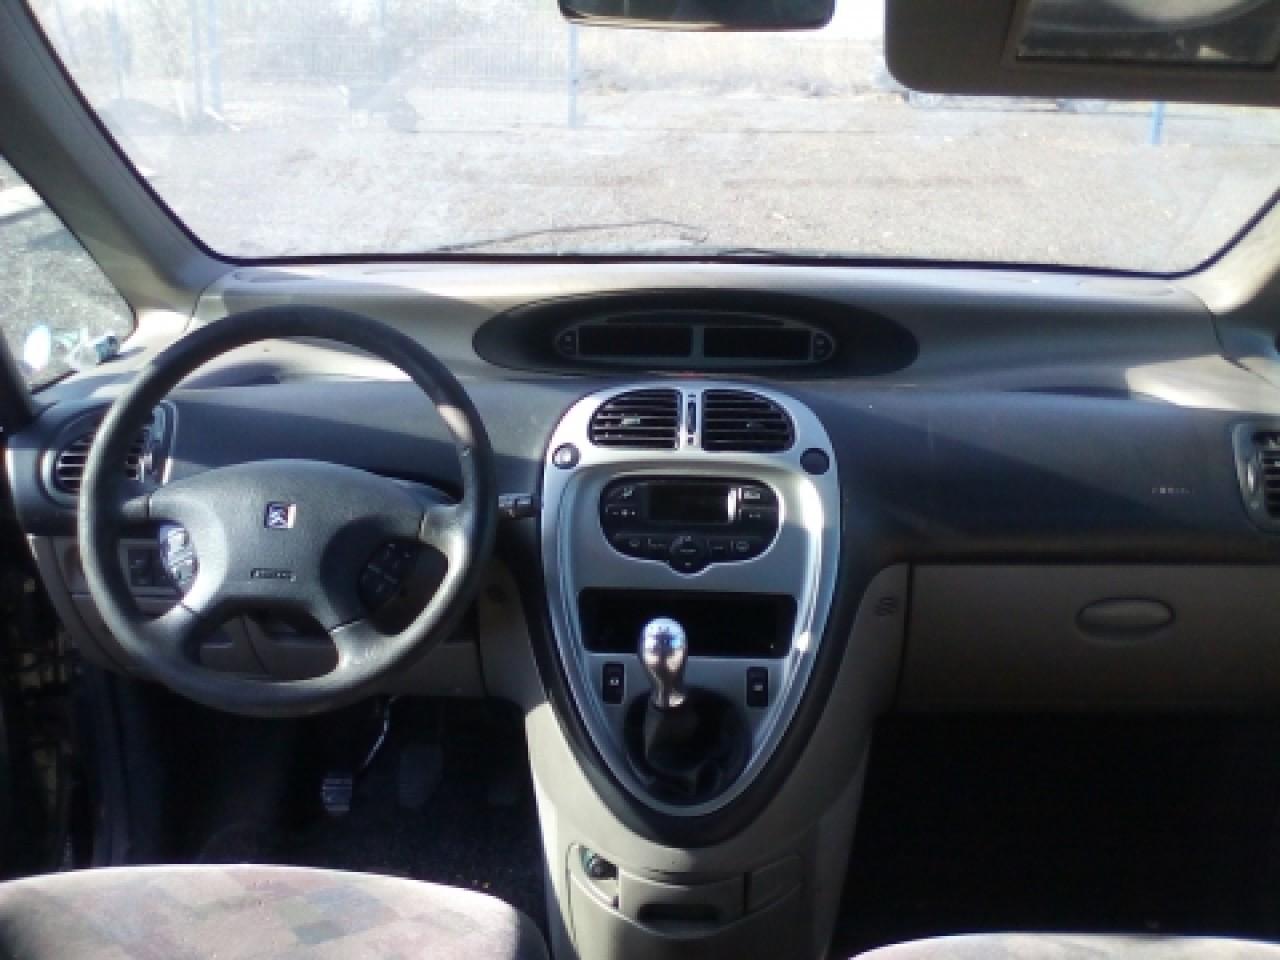 Dezmembrez Citroen Xsara Picasso, an 2000, motorizare 1.8 16V